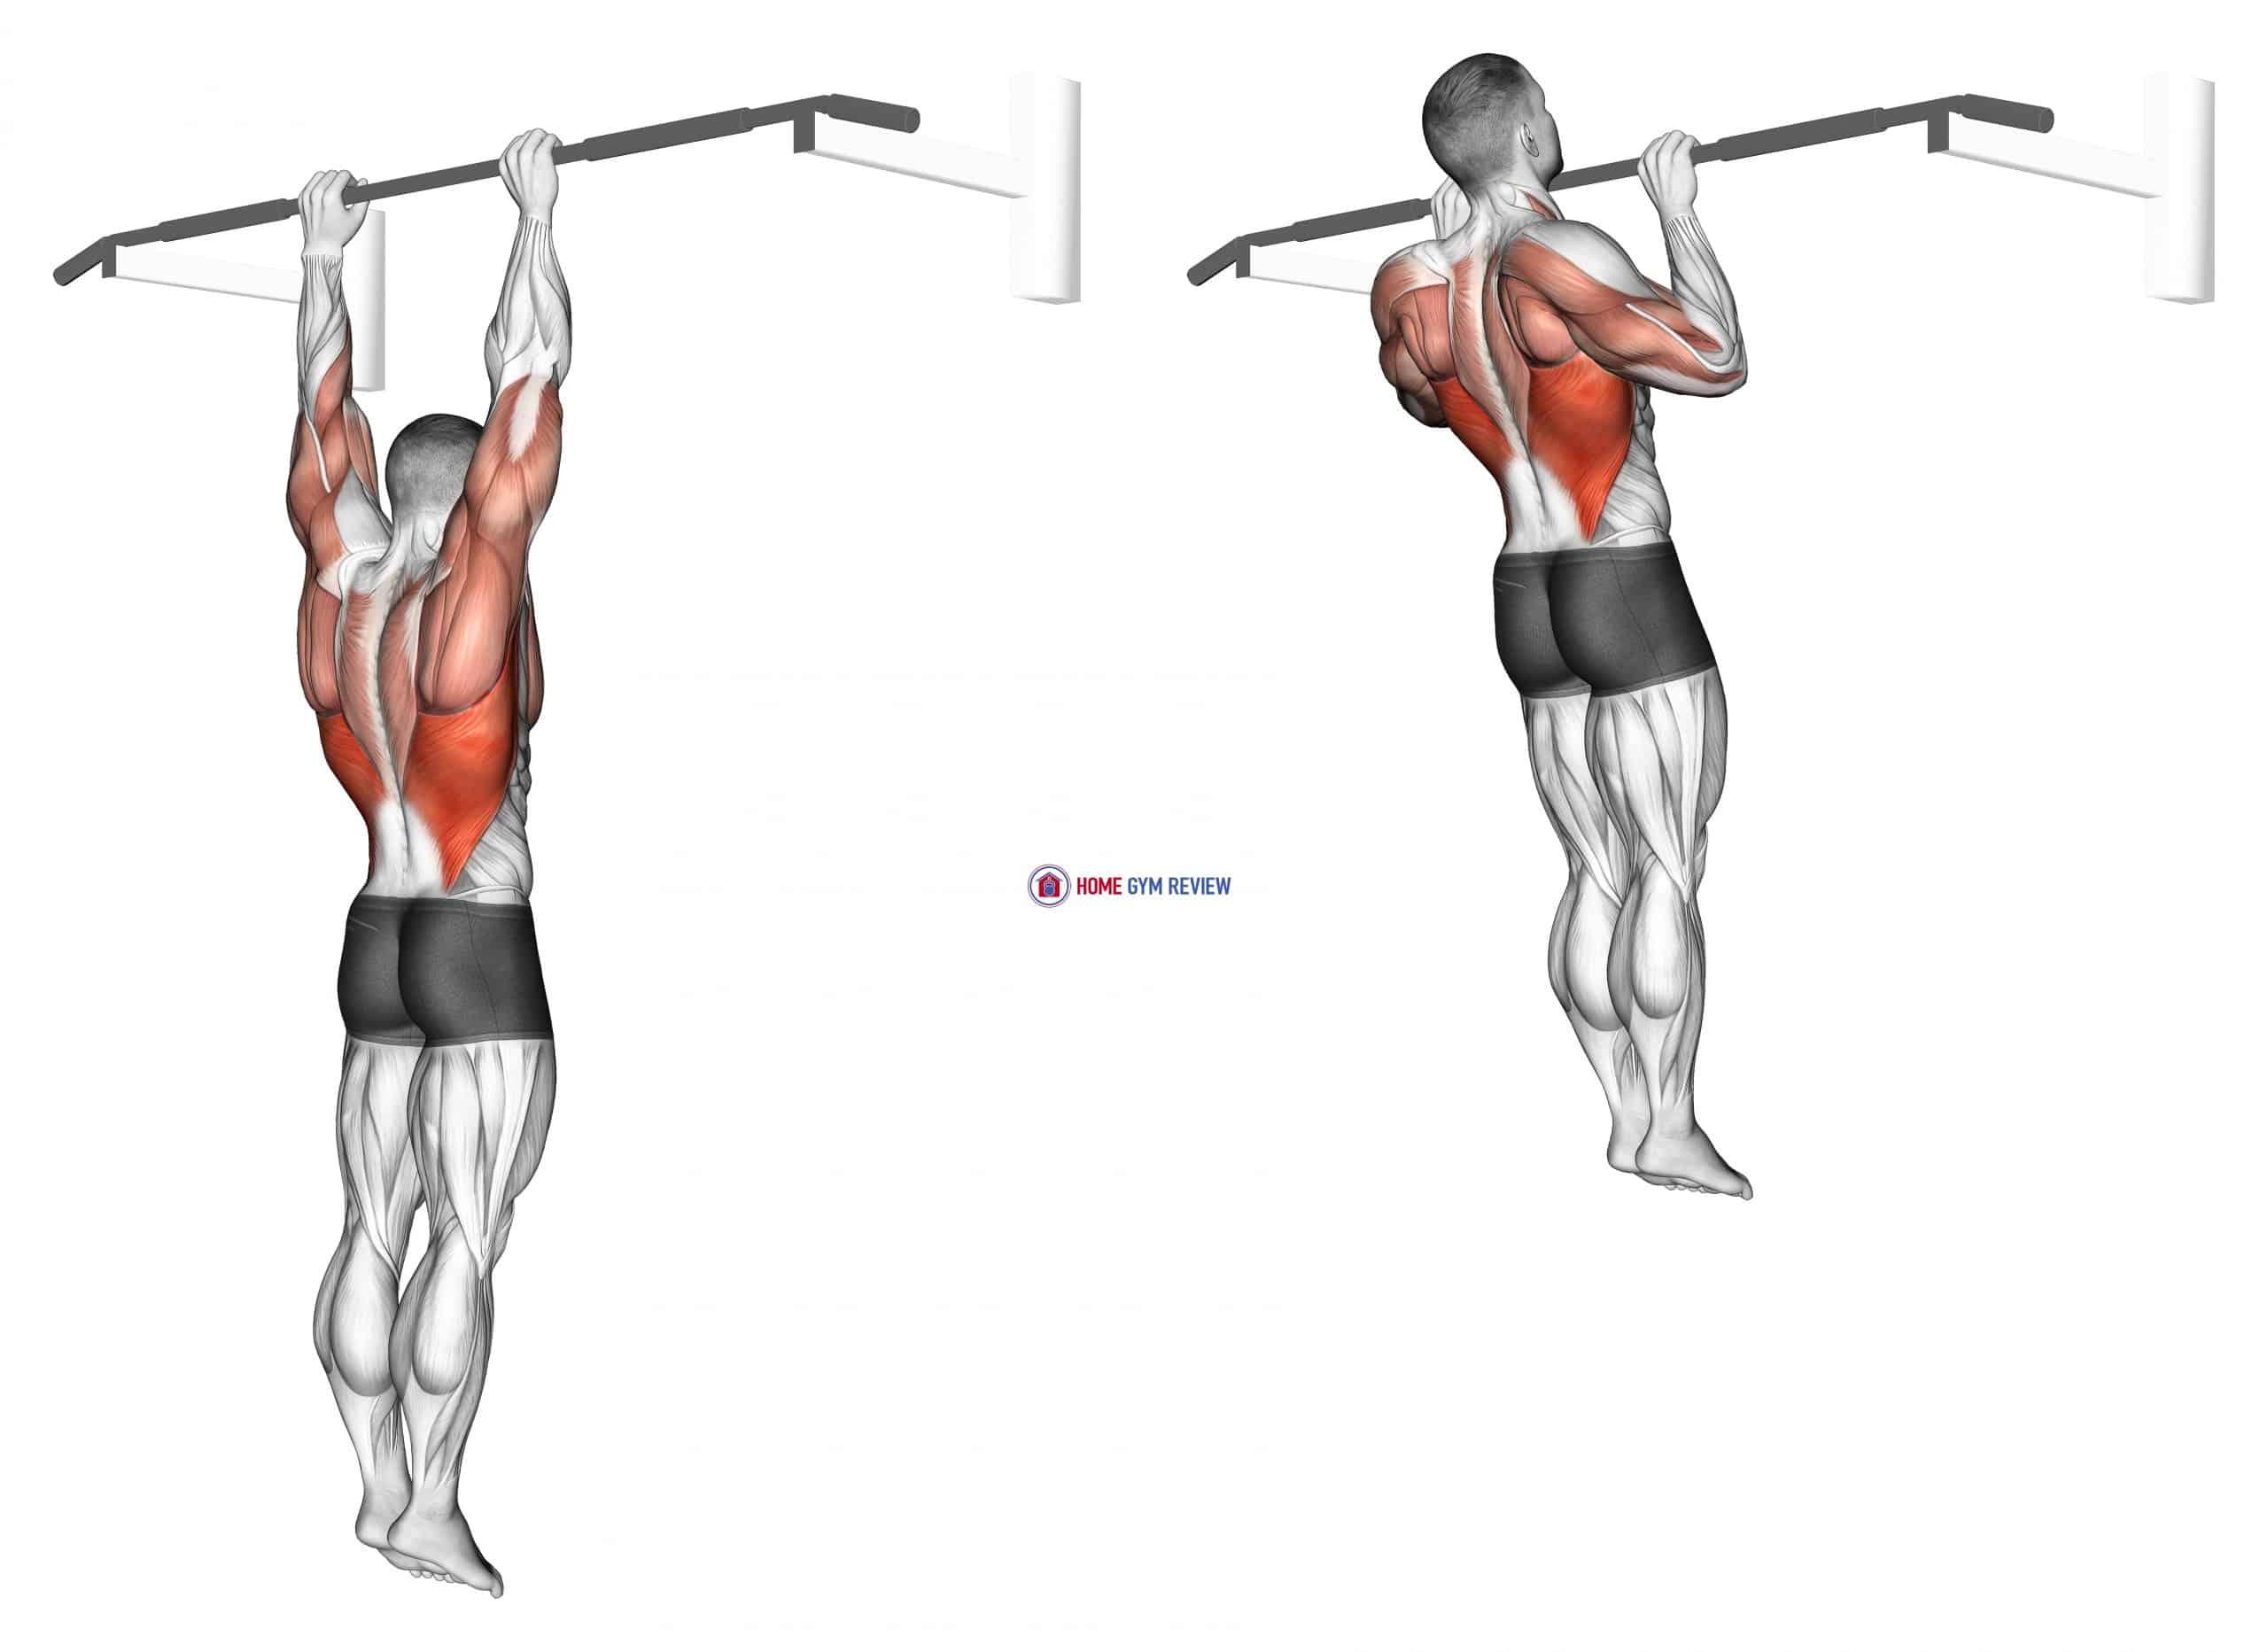 Shoulder Grip Pull-up